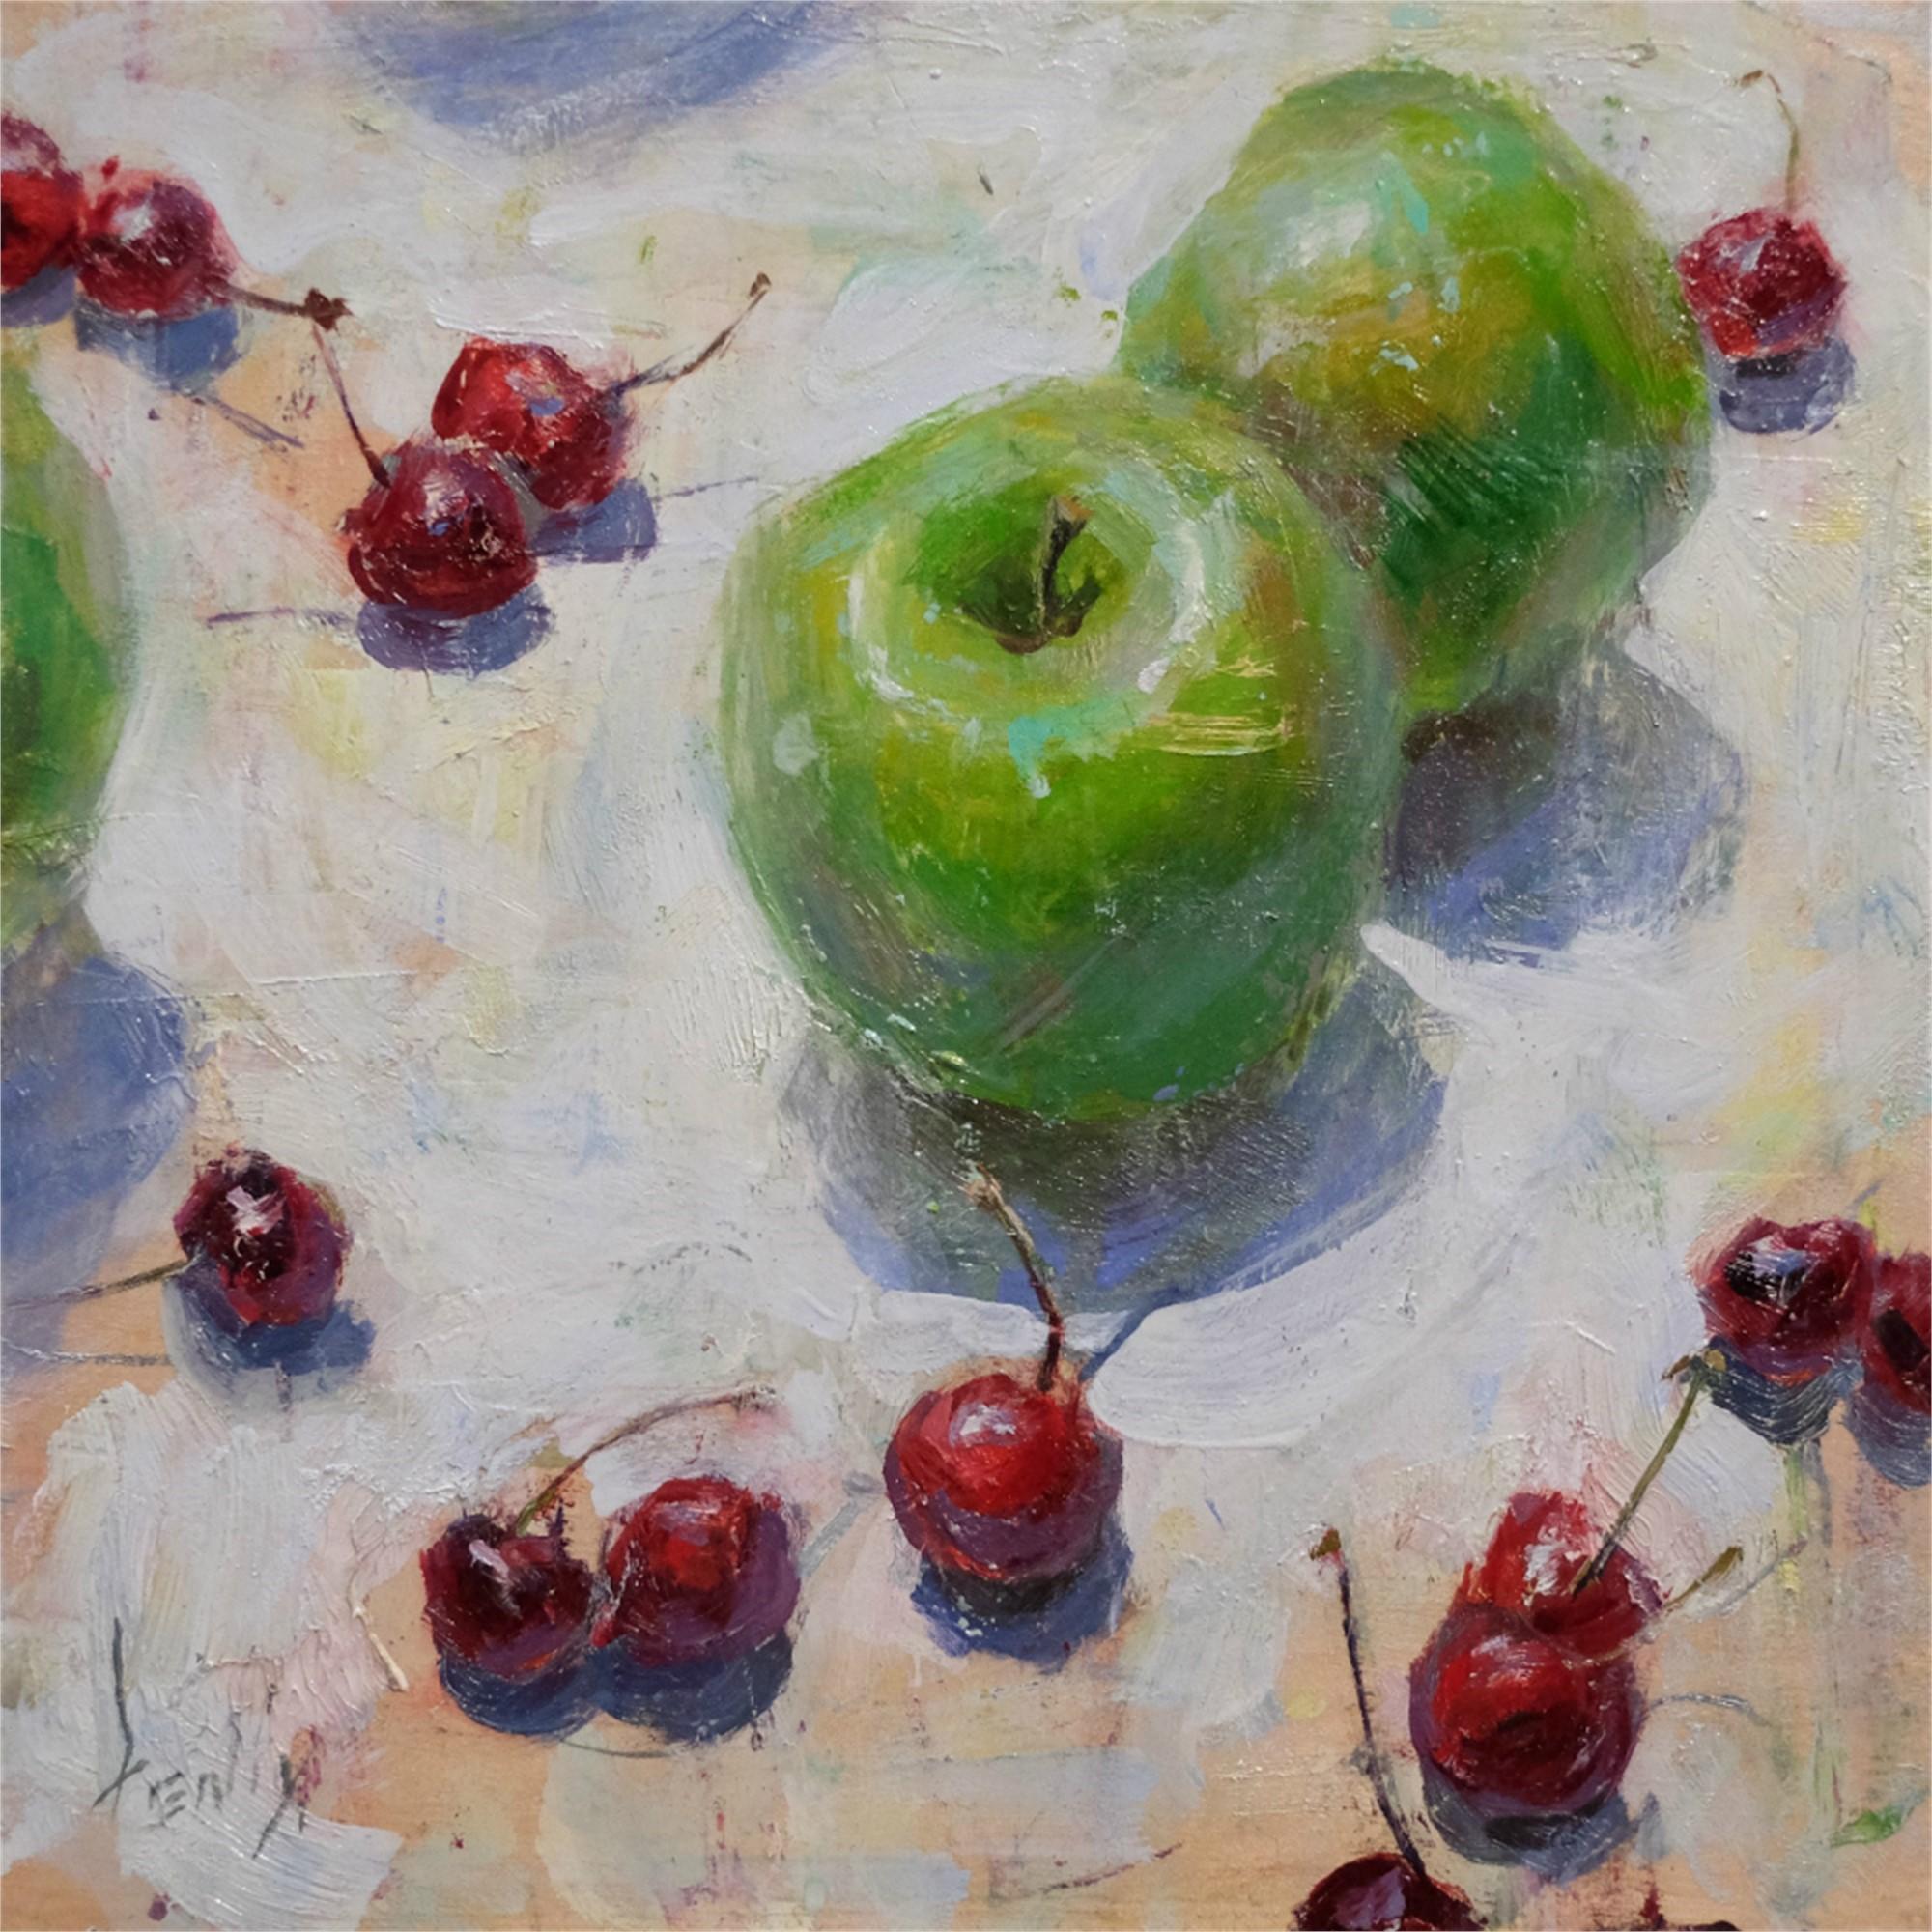 Apples and Cherries by Derek Penix